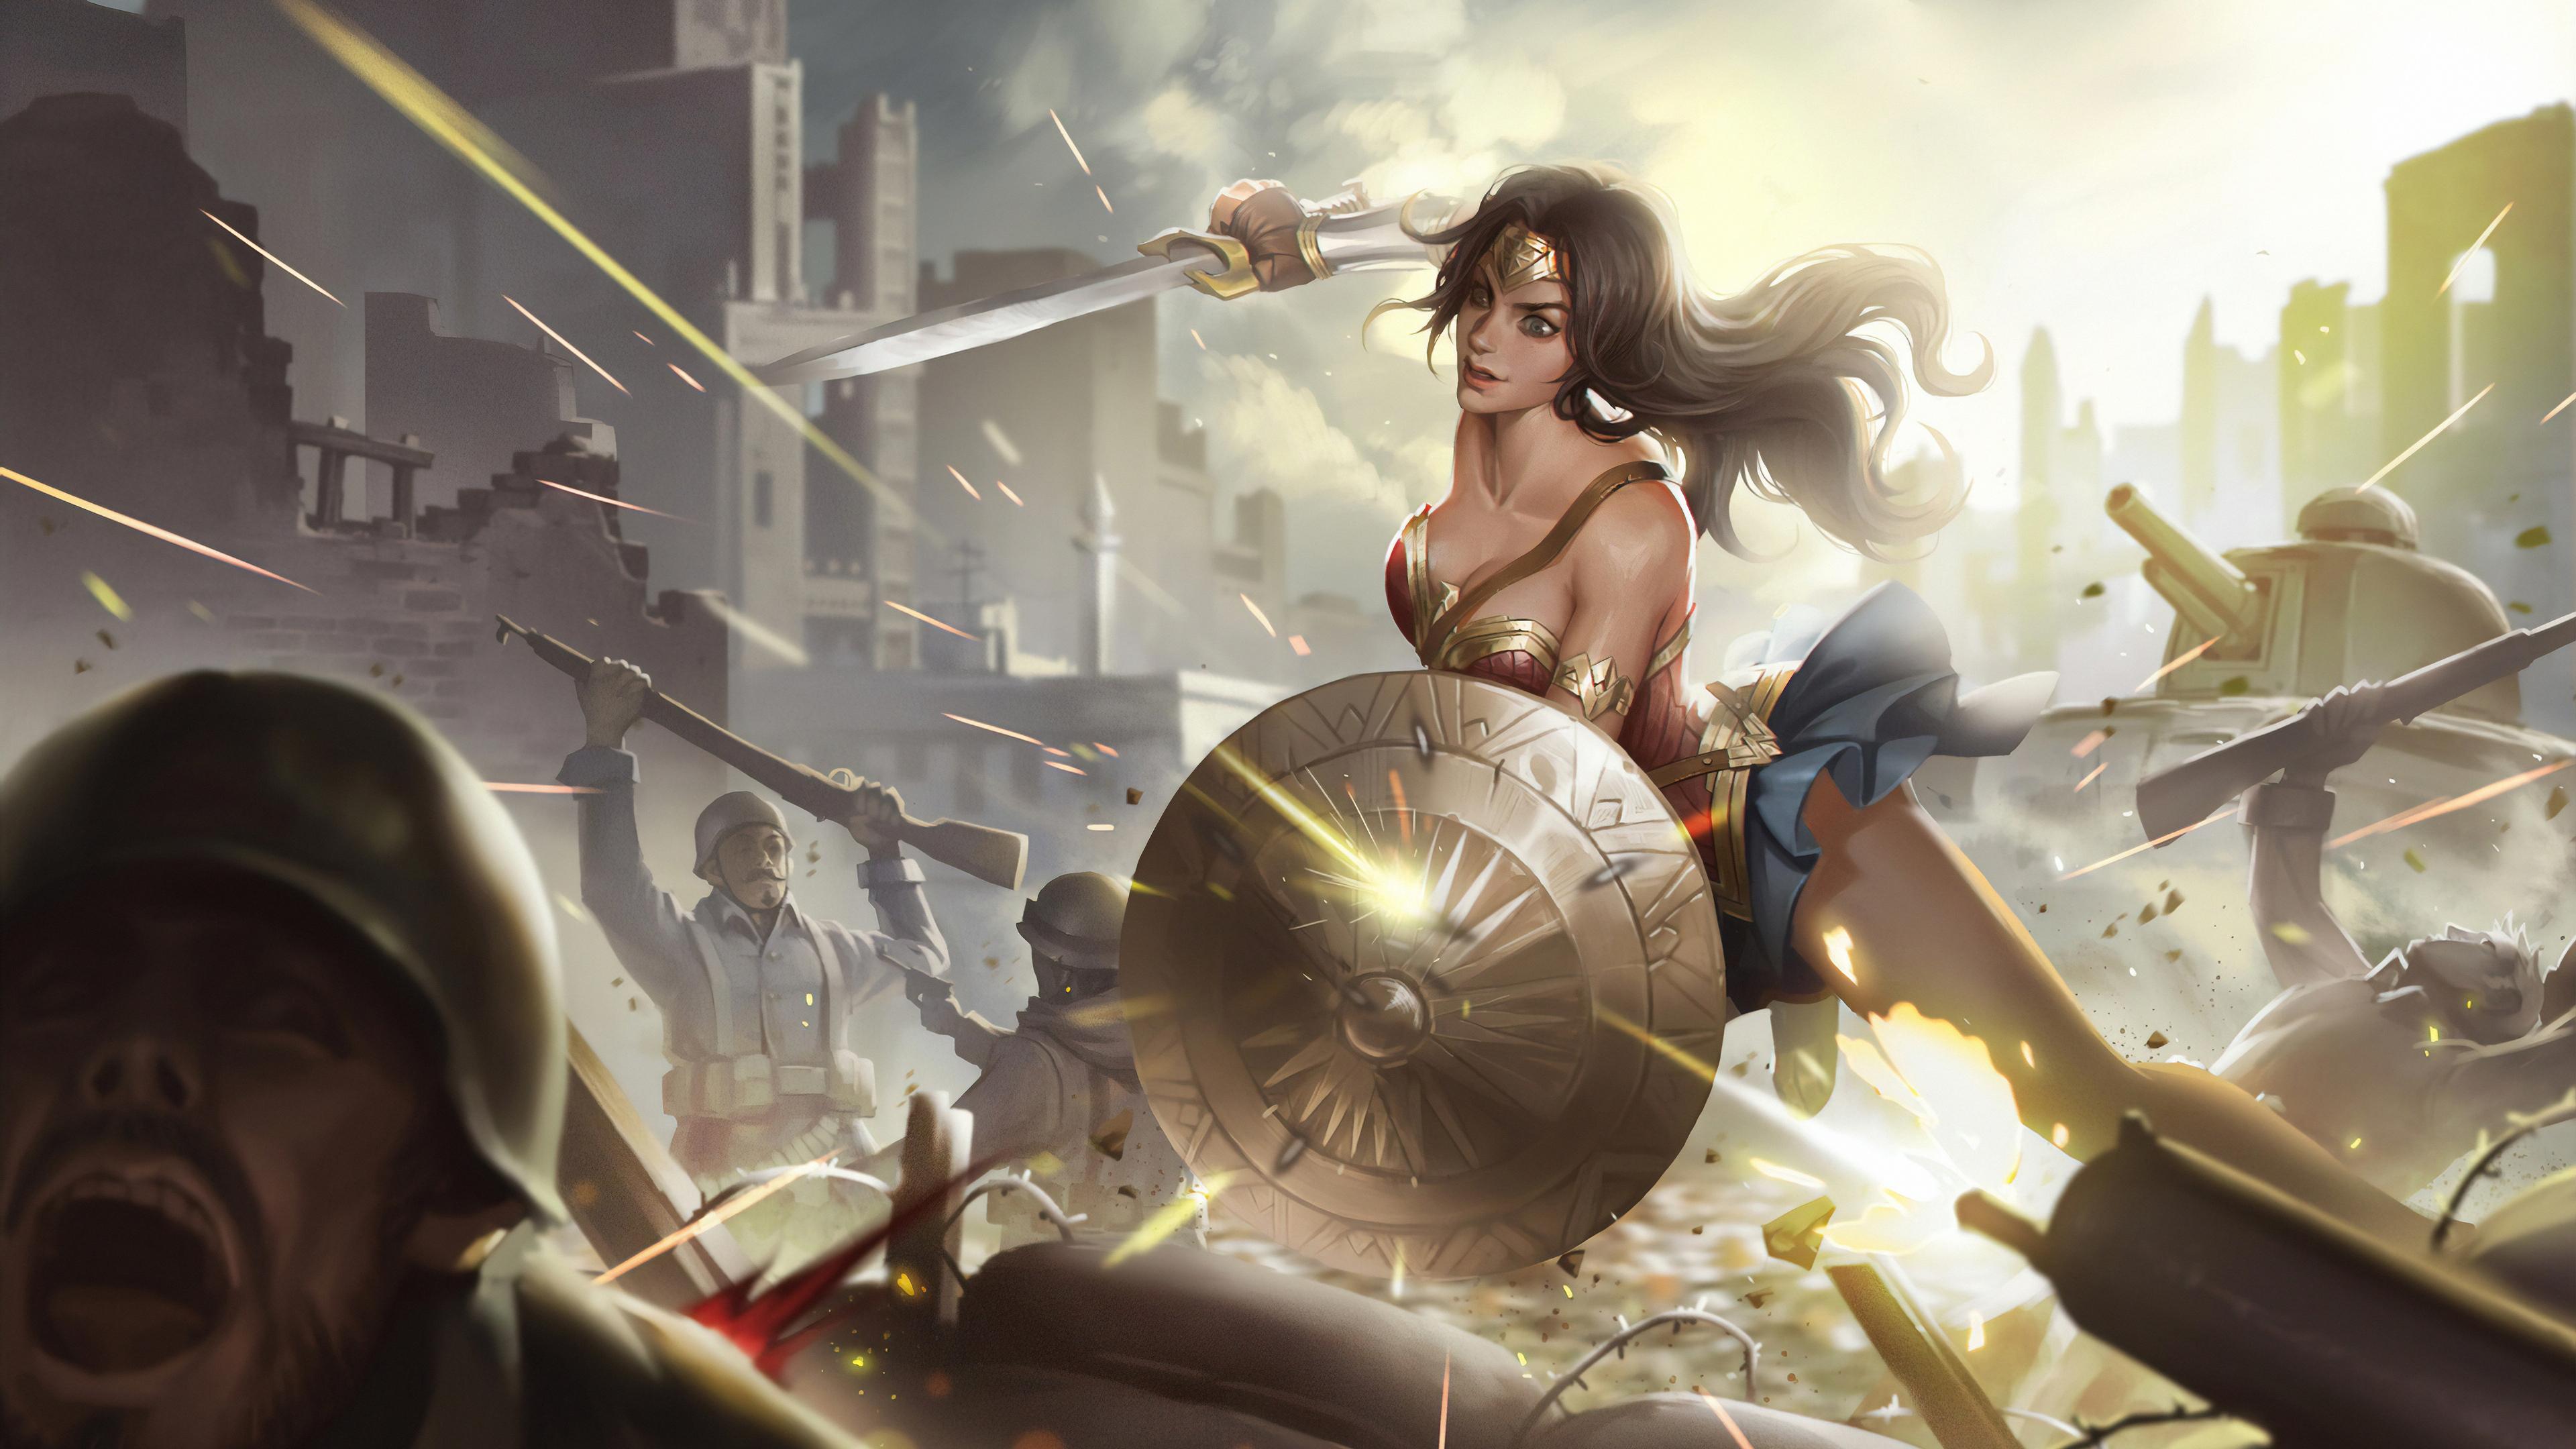 wonder woman new 1565054147 - Wonder Woman New - wonder woman wallpapers, superheroes wallpapers, hd-wallpapers, digital art wallpapers, artwork wallpapers, artstation wallpapers, 4k-wallpapers